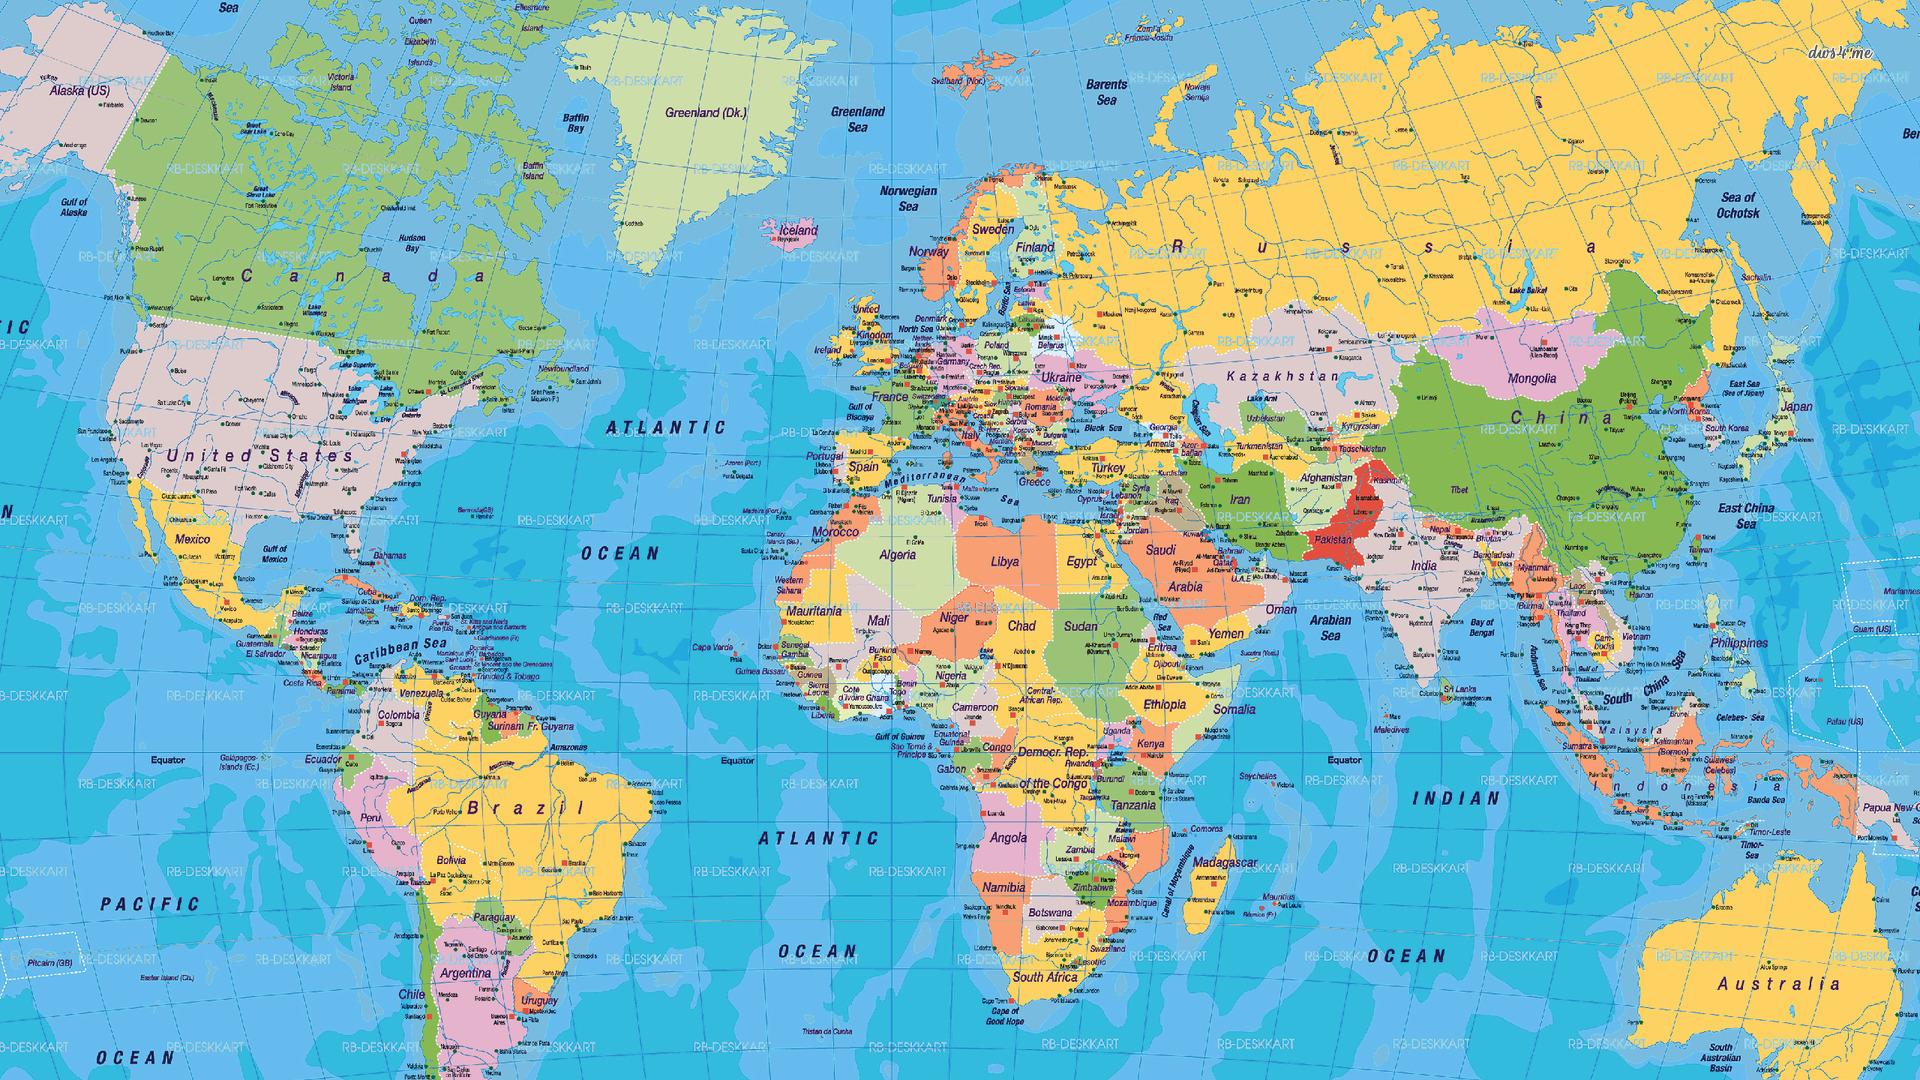 ... World map wallpaper 1920x1080 ...